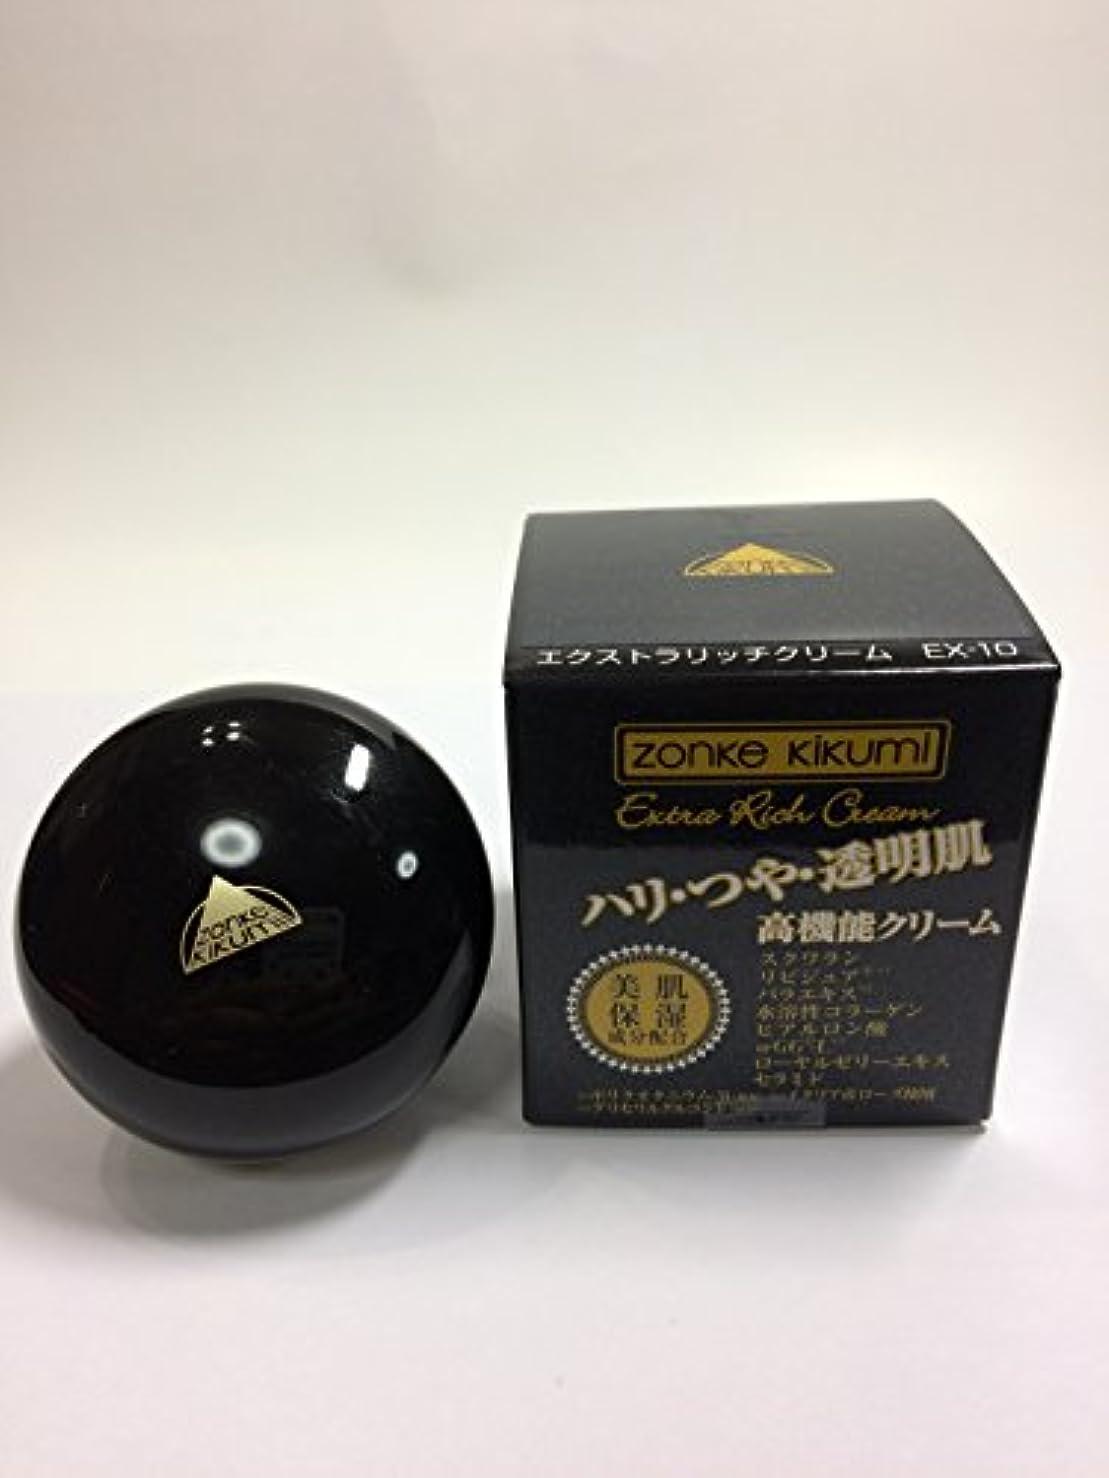 主婦委員長爬虫類ゾンケ エキストラリッチクリームEX-10